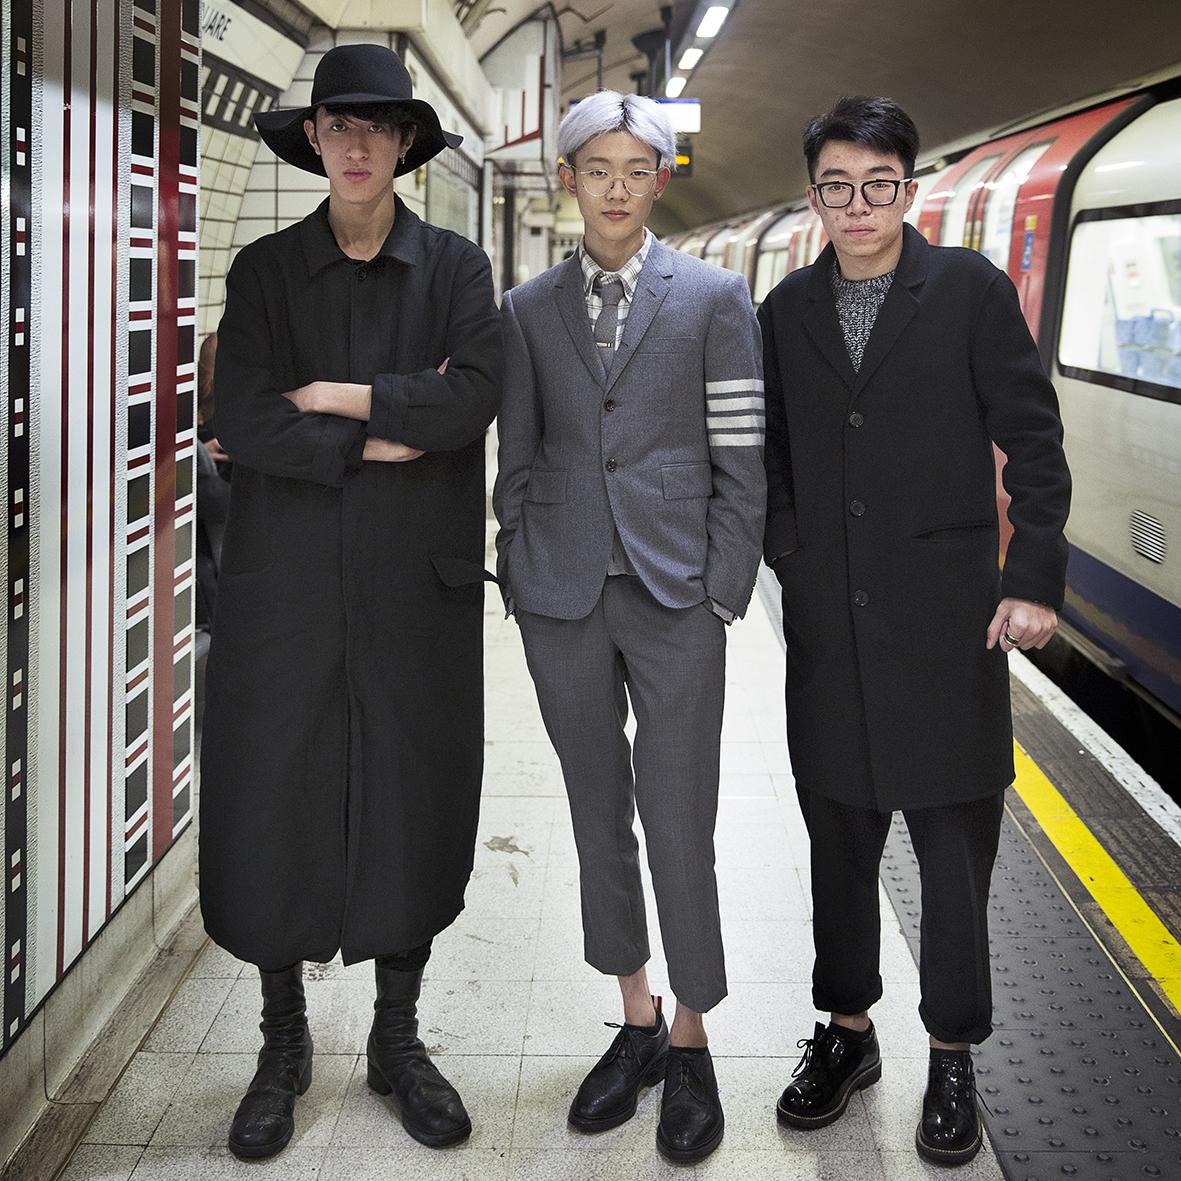 Portraits of strangers at Tube station_ (1).jpg